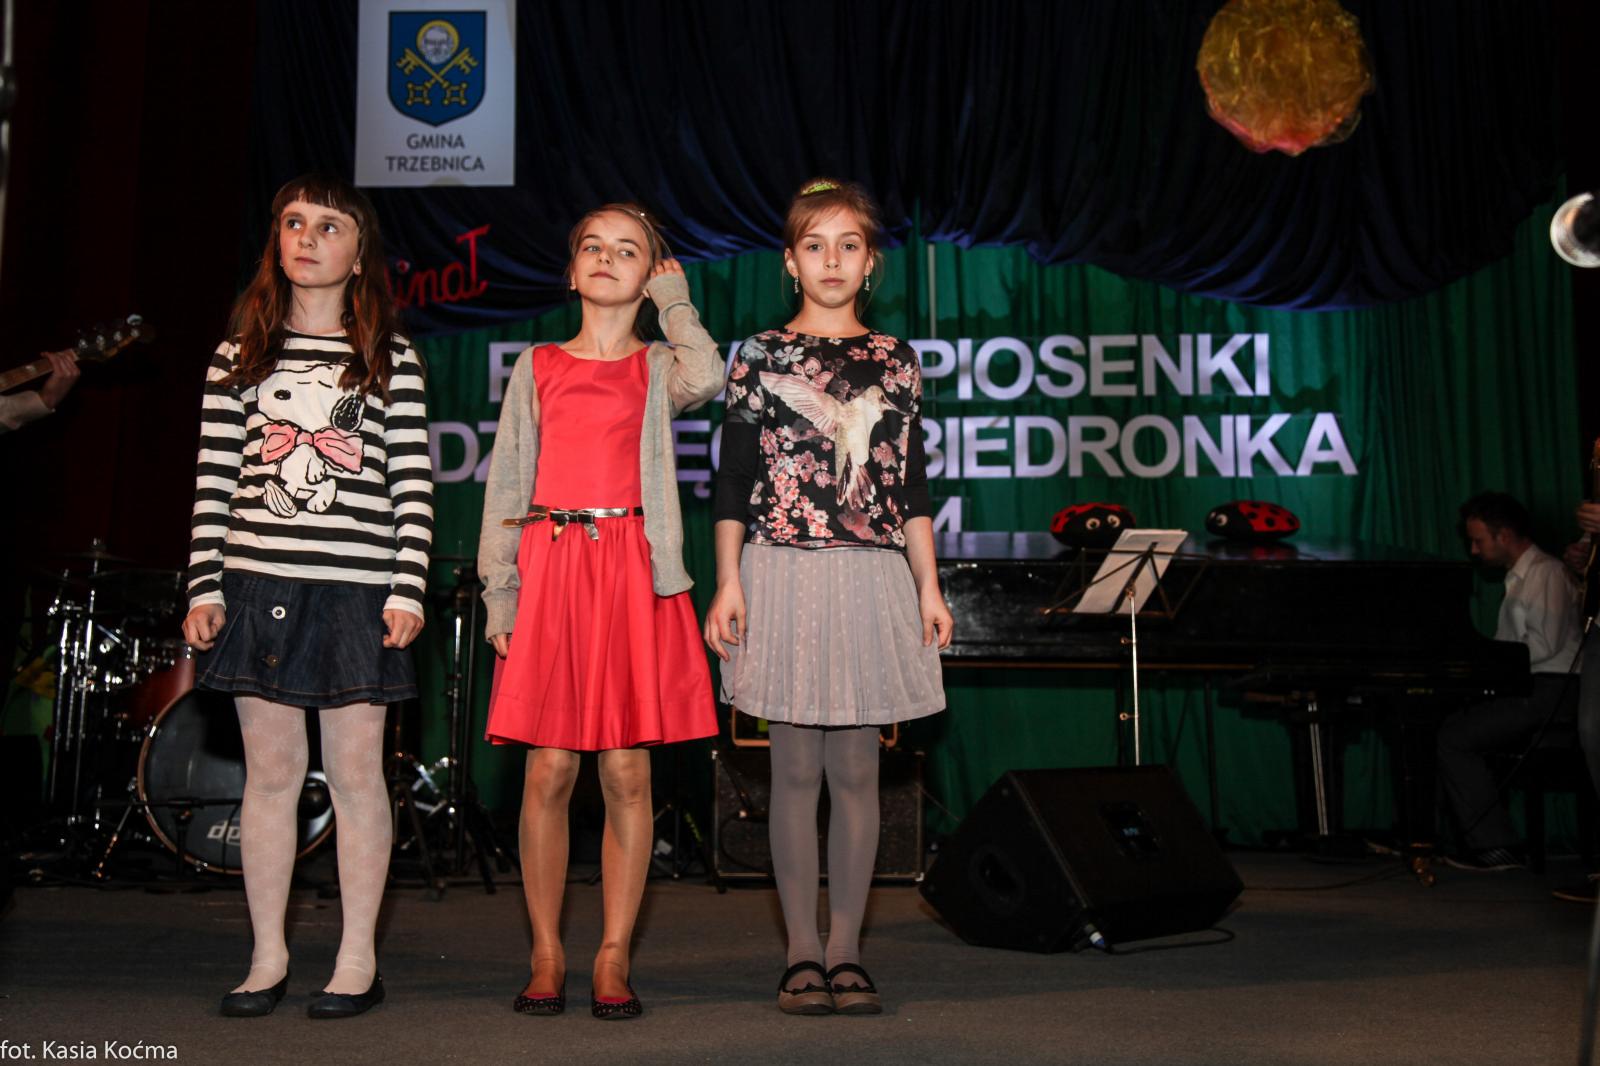 biedronka-33.jpeg